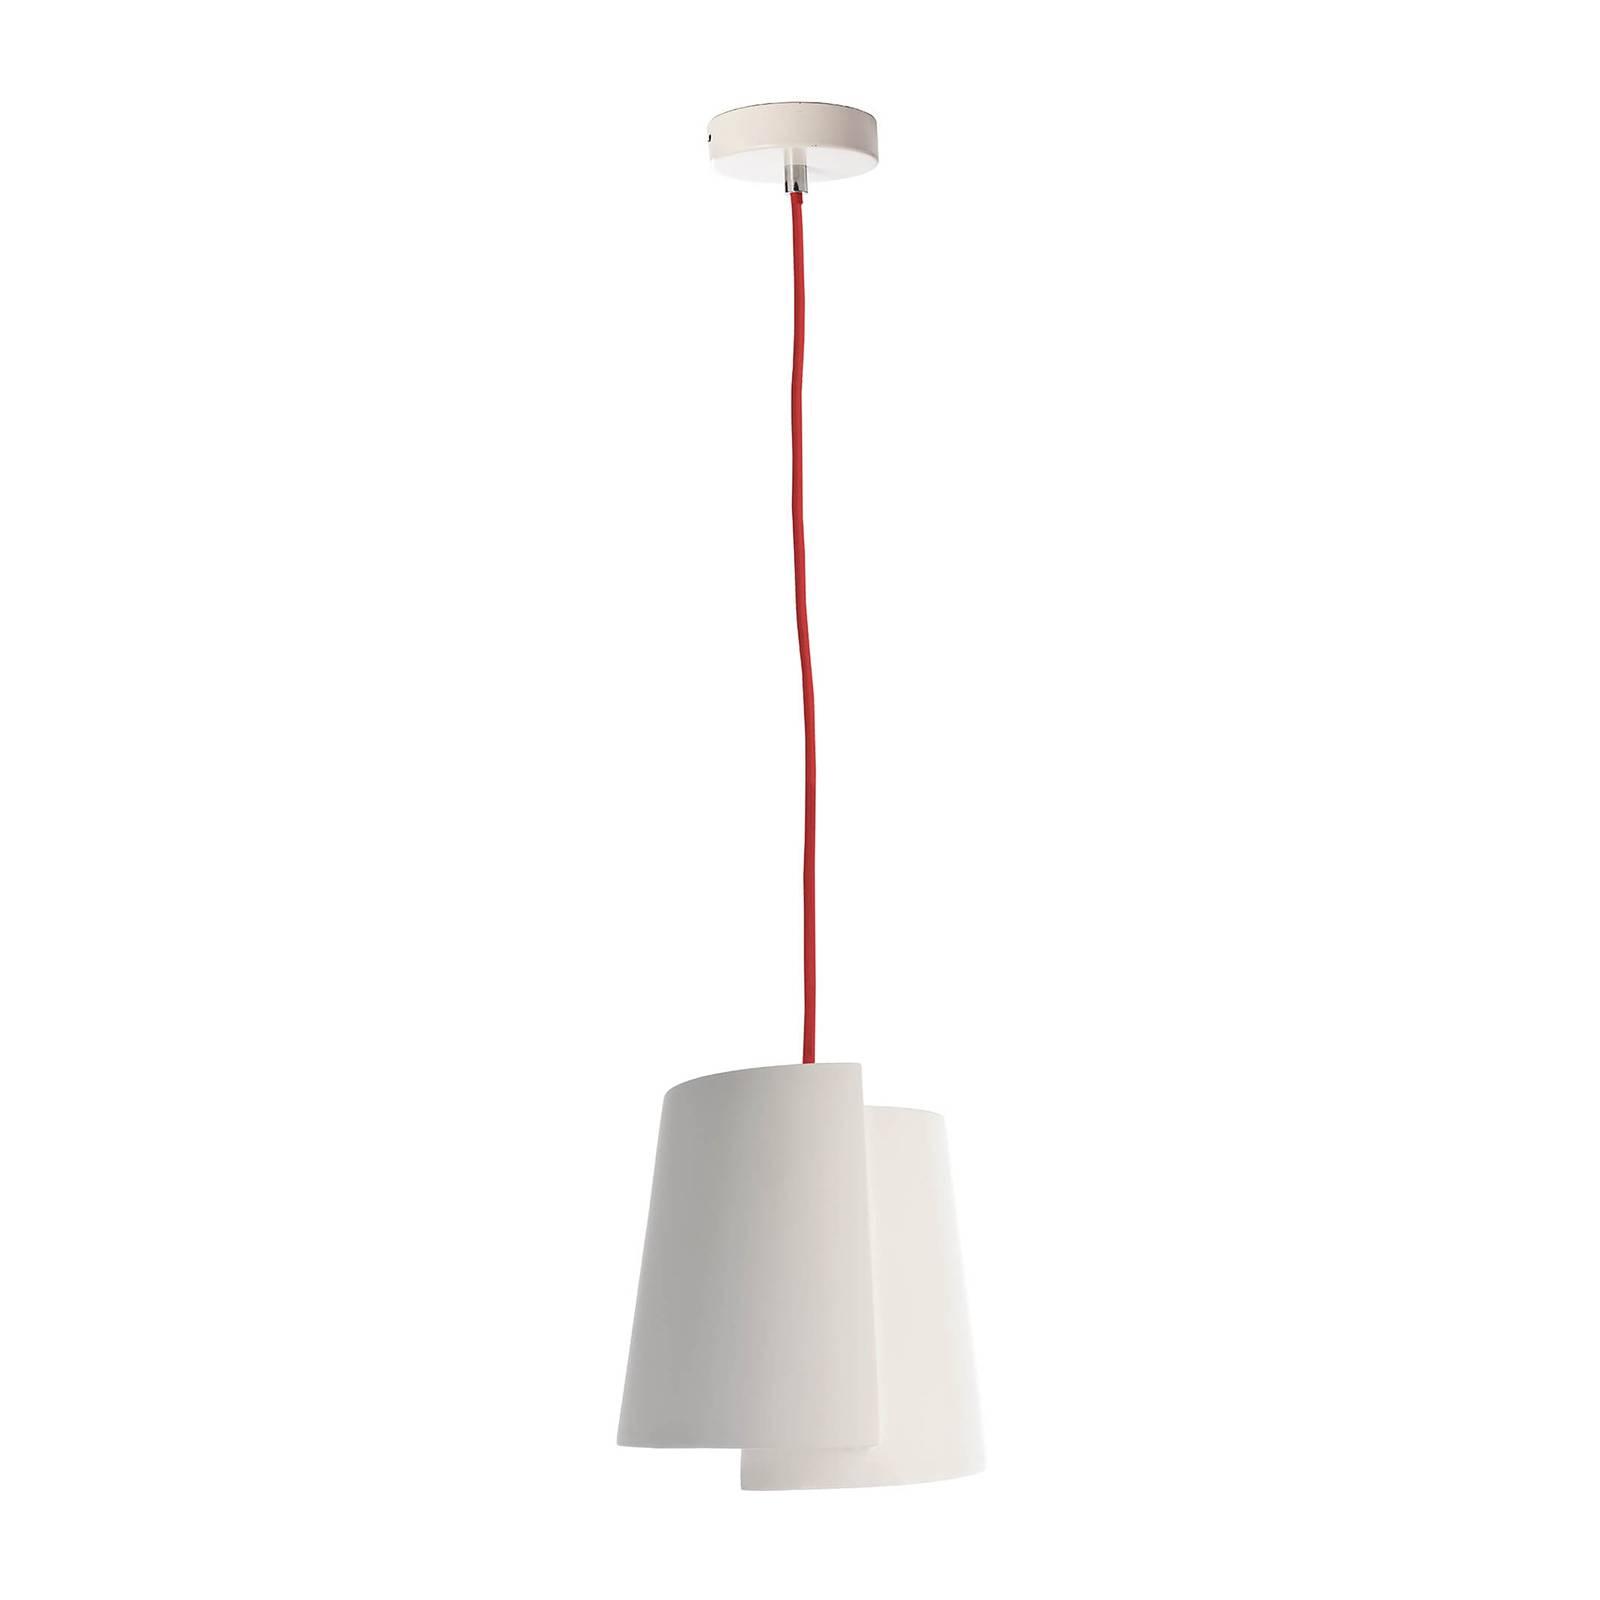 Riippuvalaisin Twister II, valkoinen, Ø 28 cm